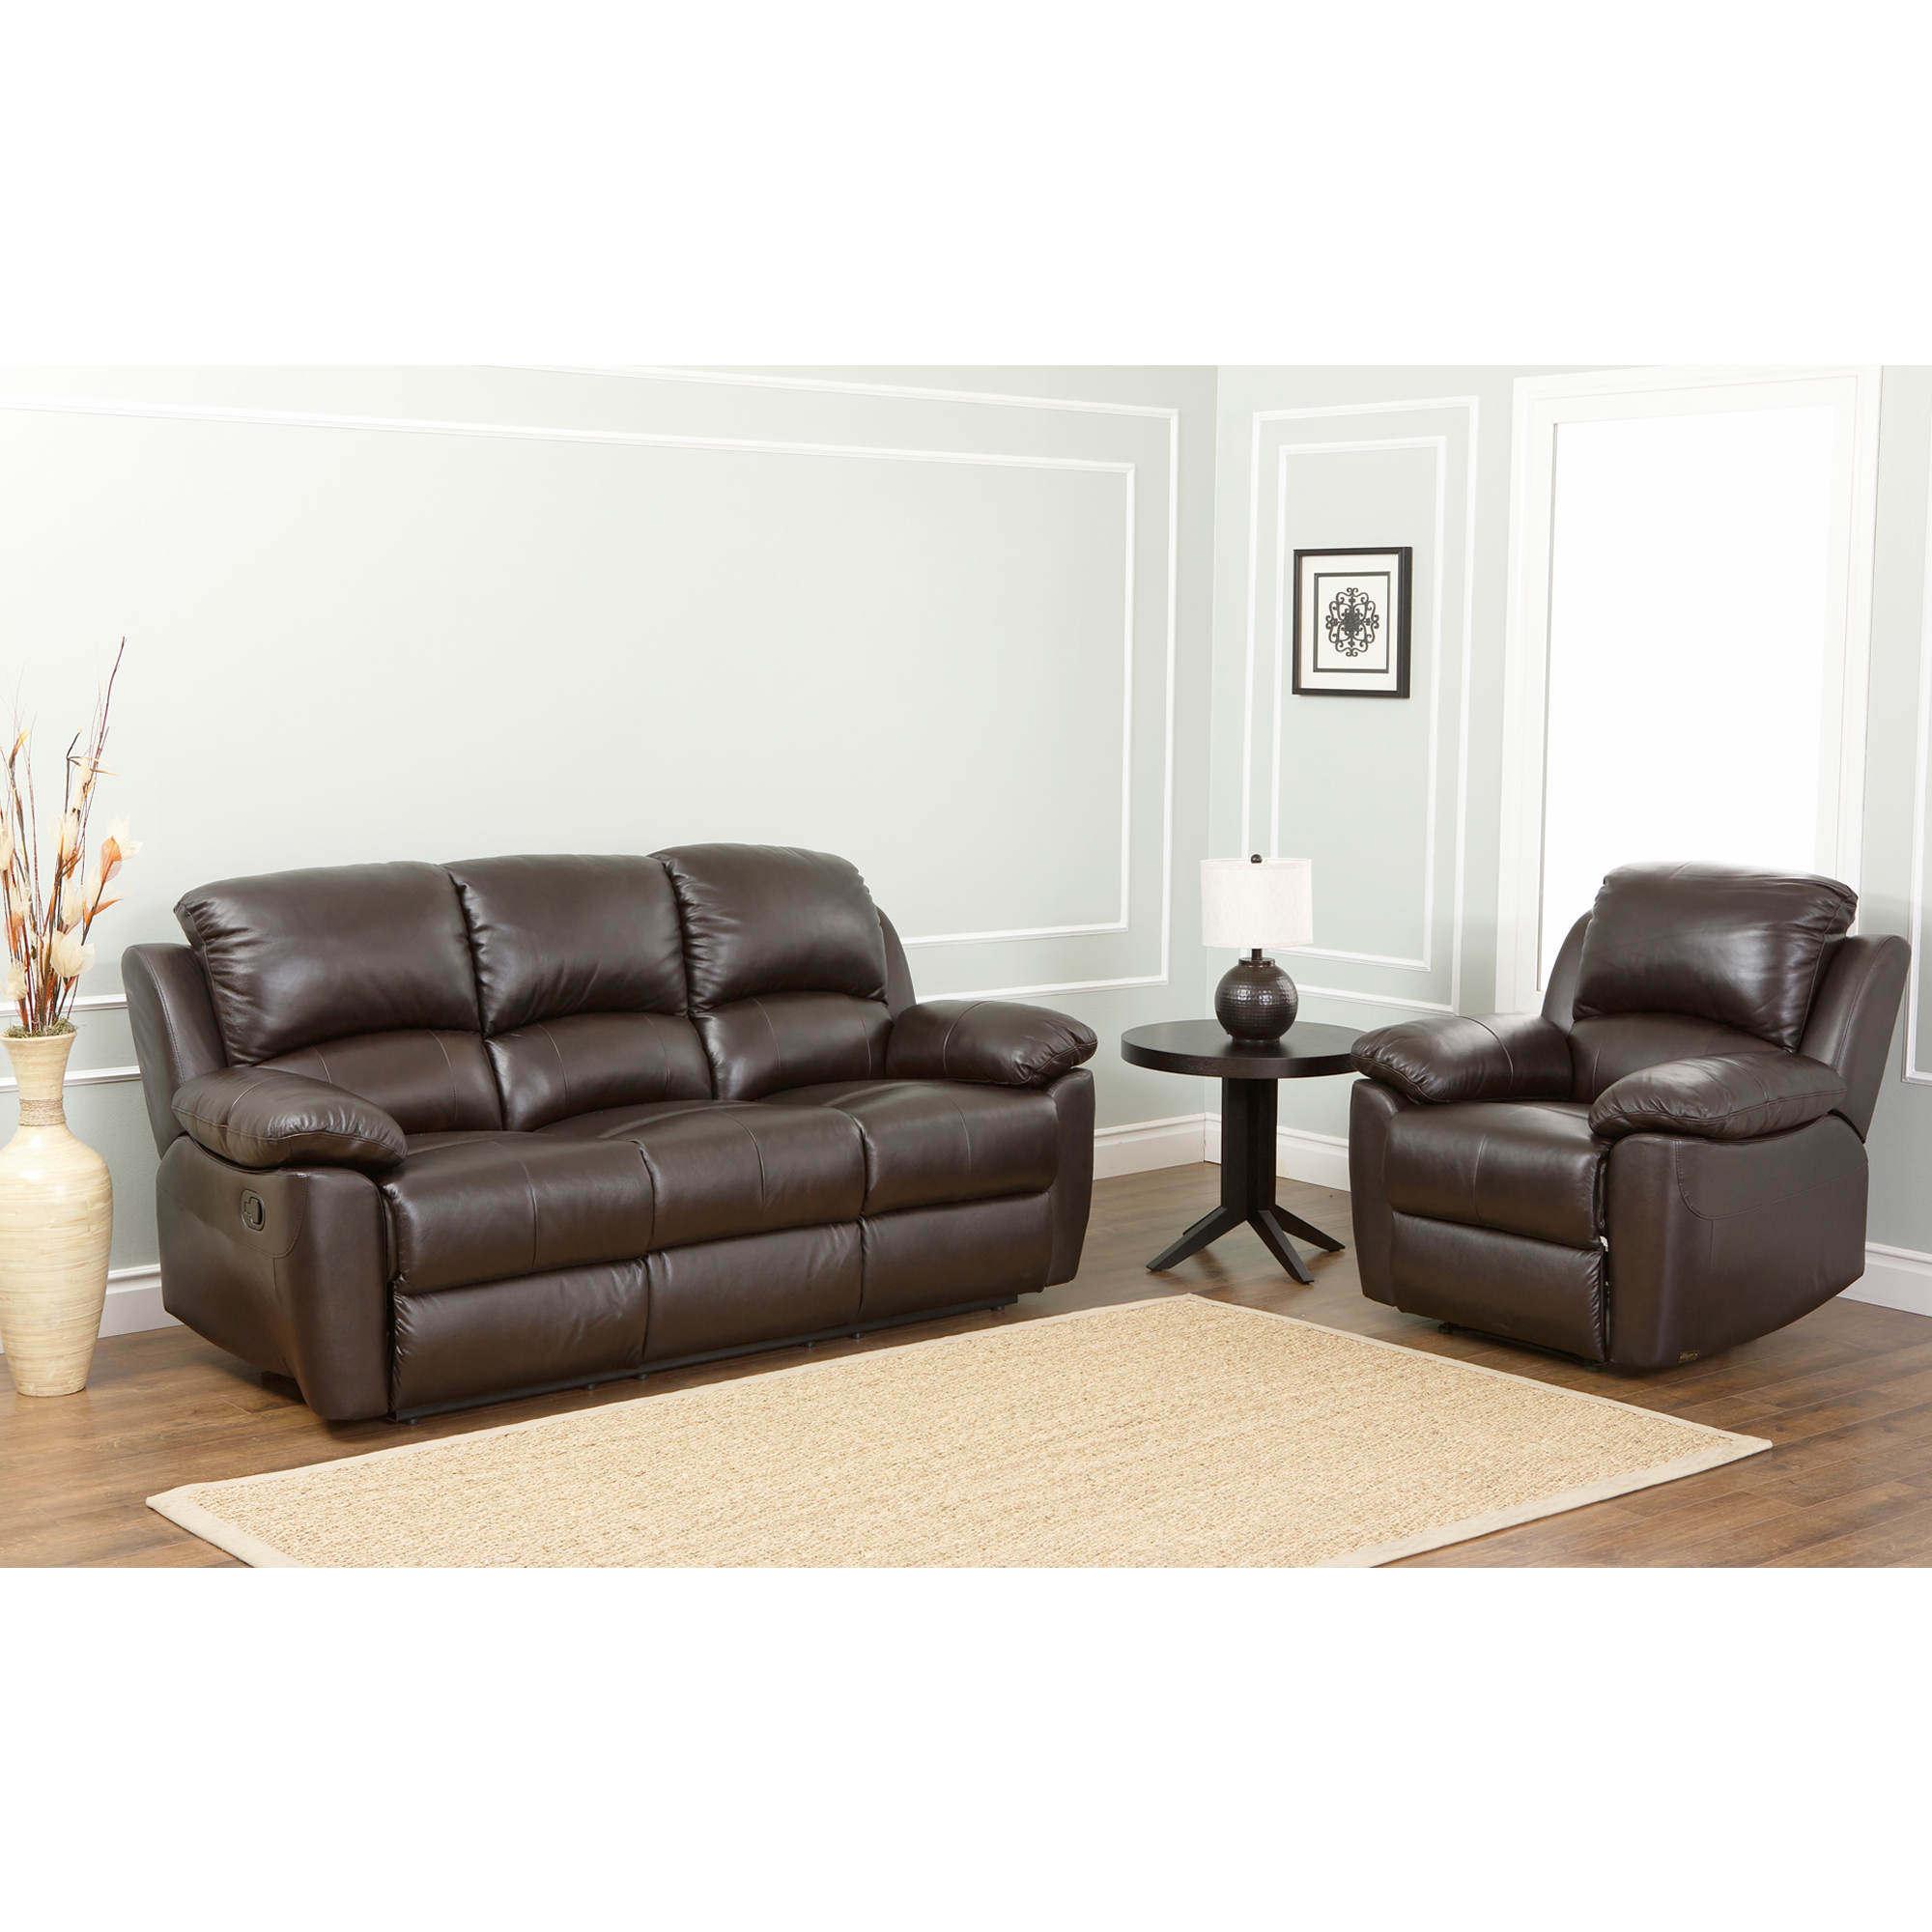 Abbyson Living Toscana Italian Leather Reclining Sofa And